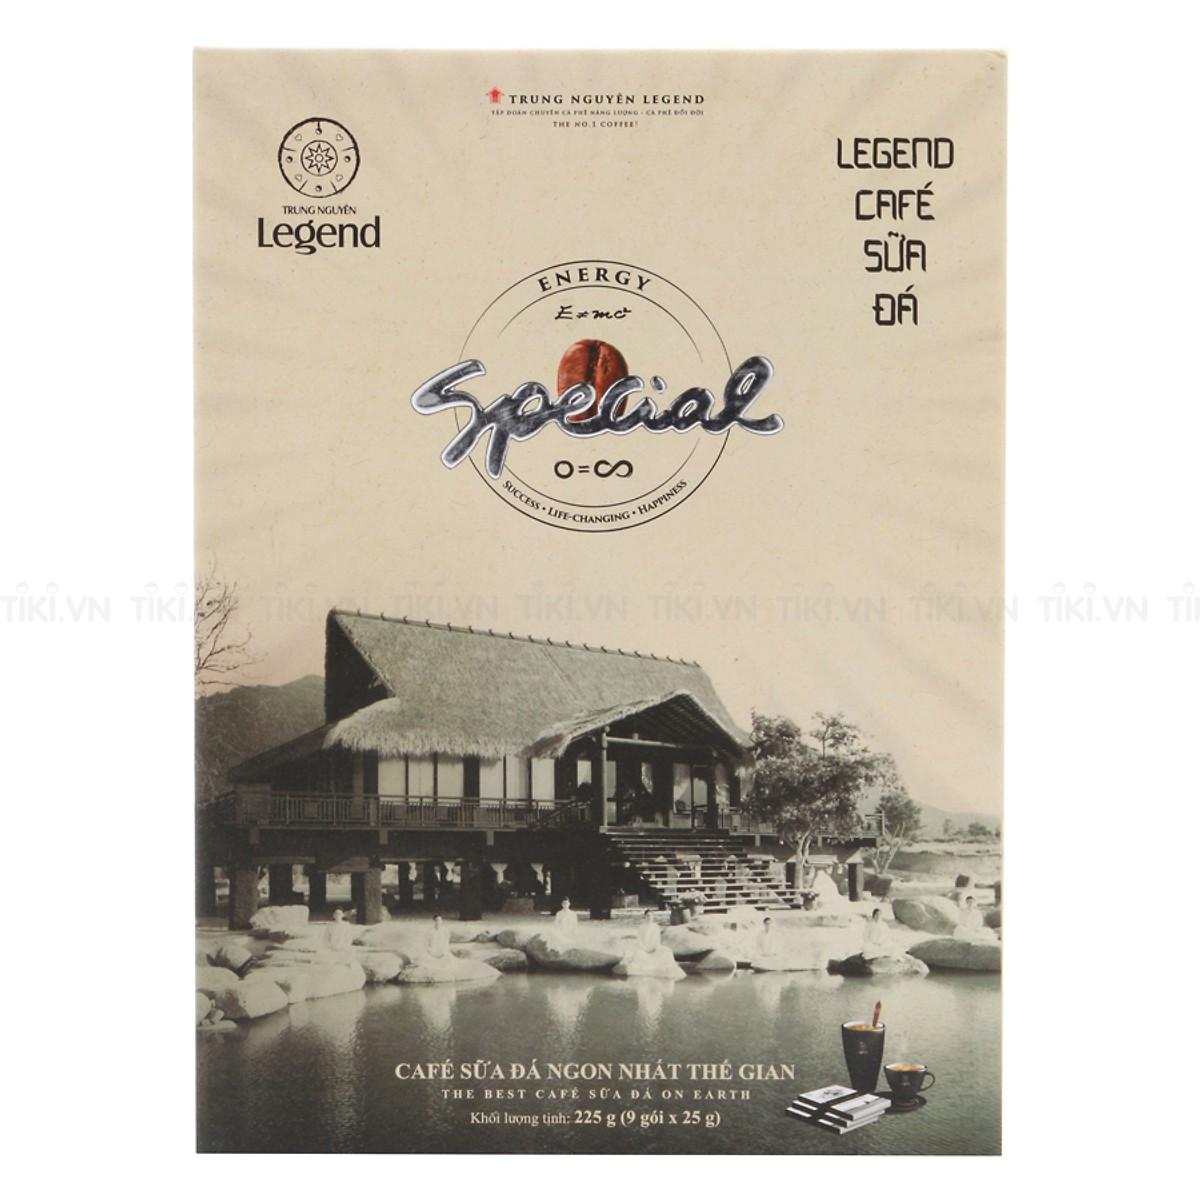 Giấy tờ Công Bố chất lượng của Legend sữa đá Trung Nguyên